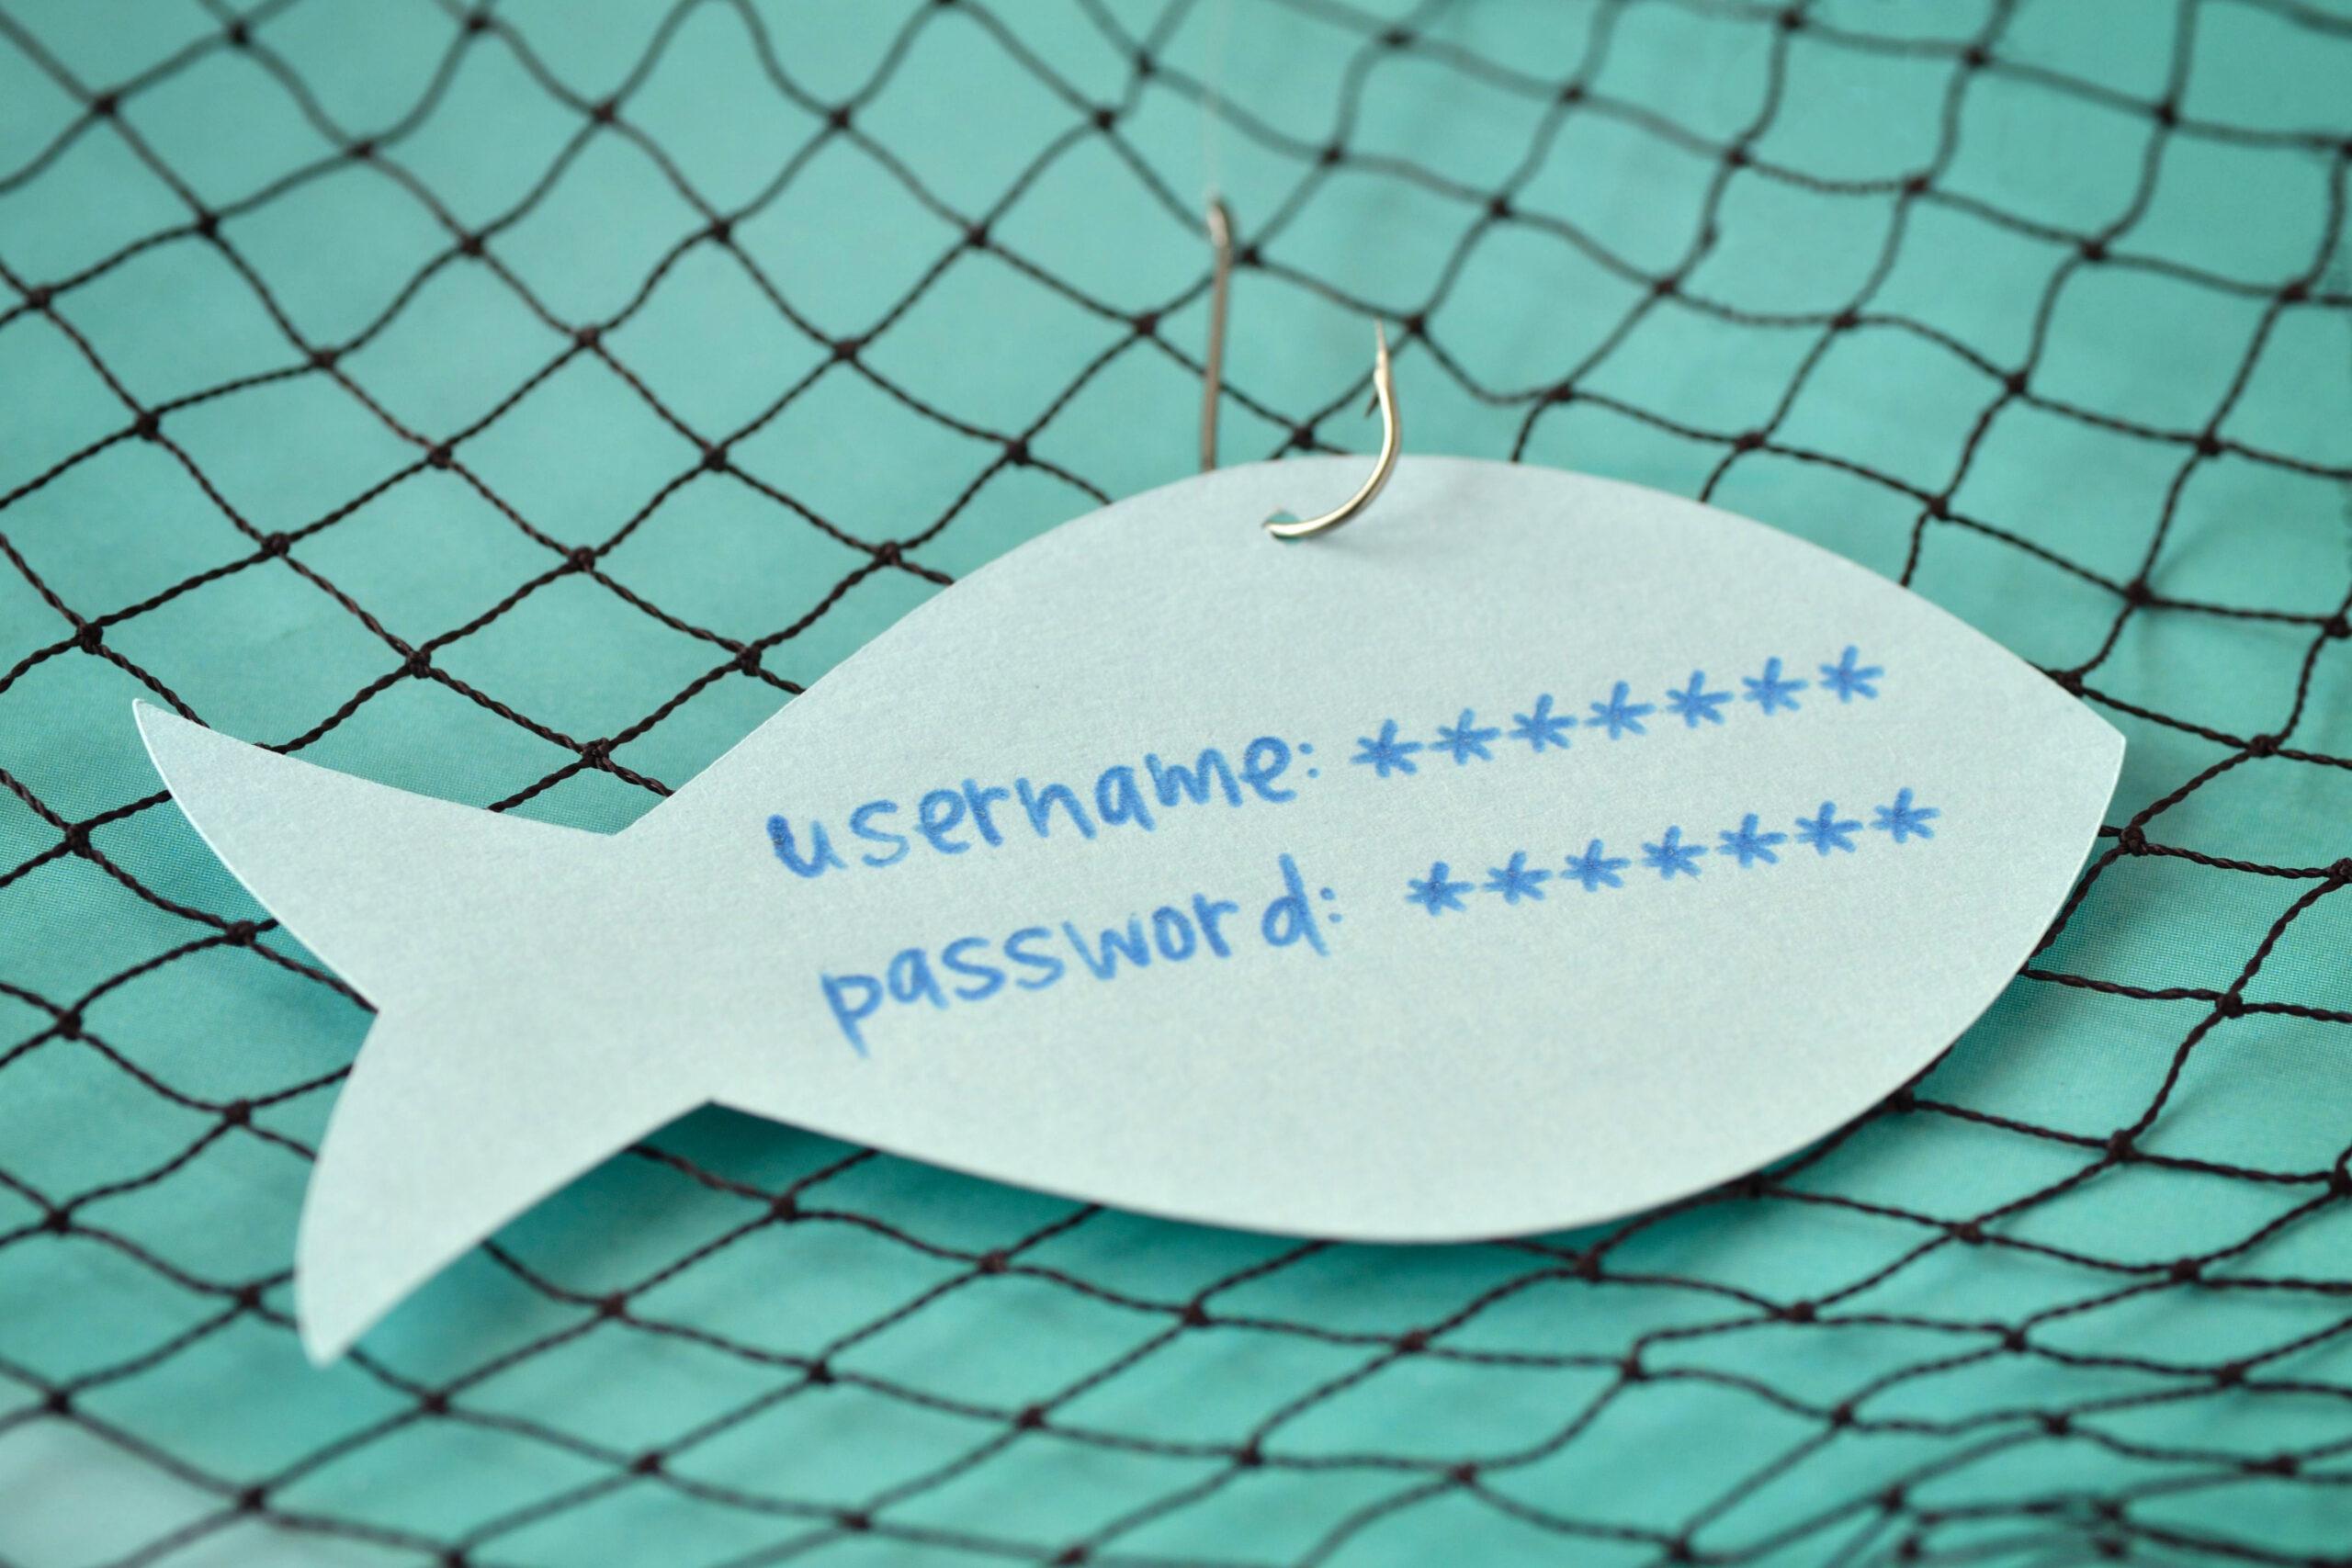 como evitar el phishing y apostar por la seguridad en la red